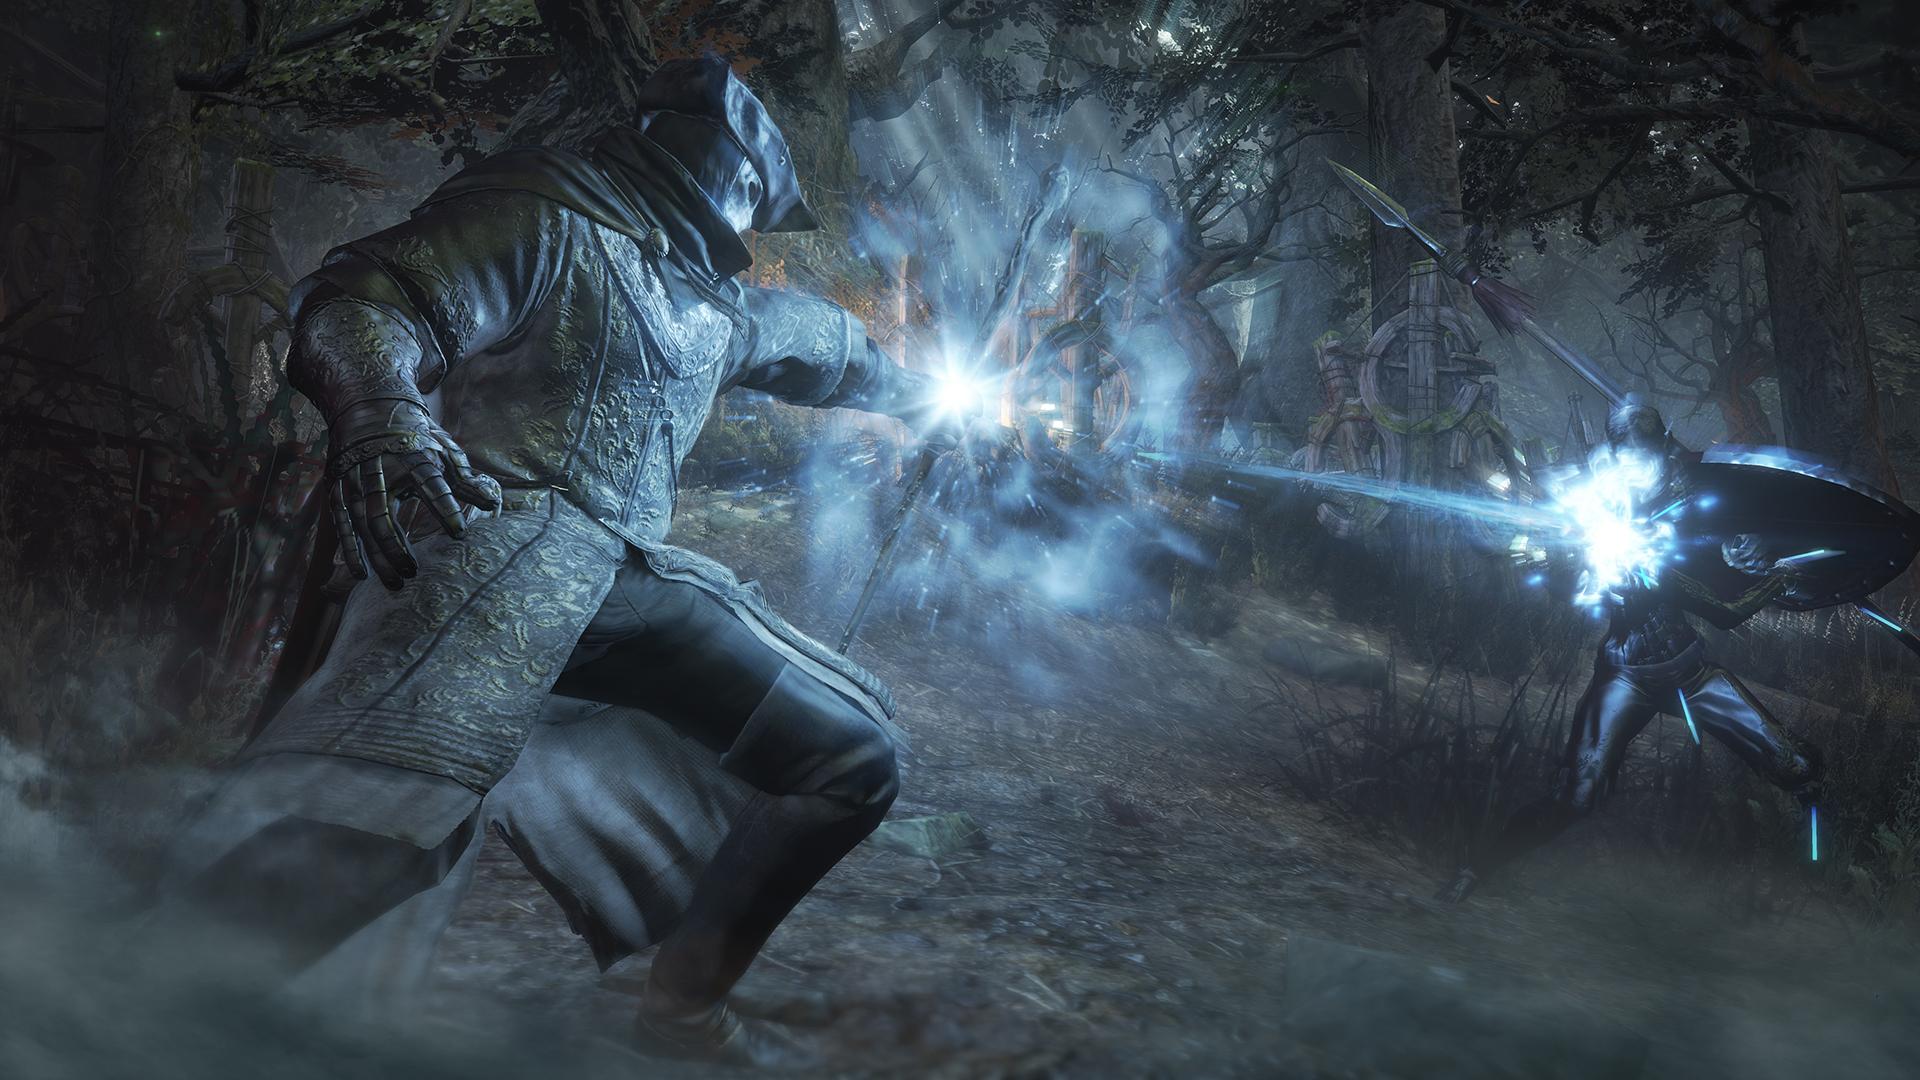 Nové obrázky a artworky z Dark Souls 3 114968